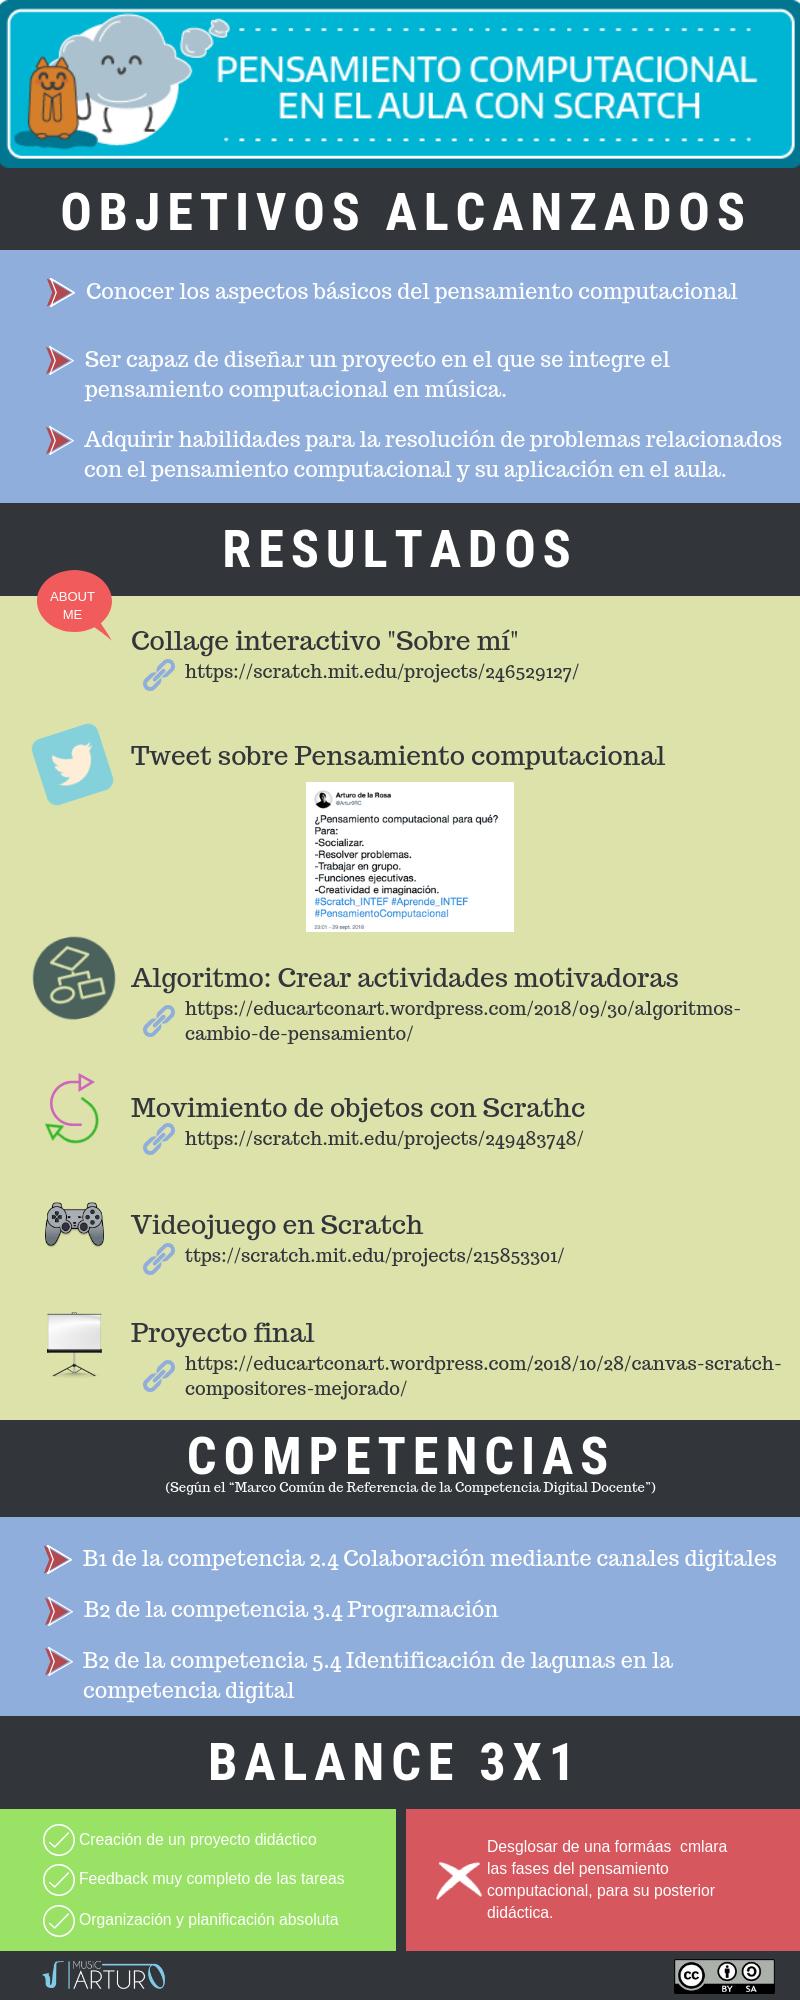 Objetivos alcanzados.png